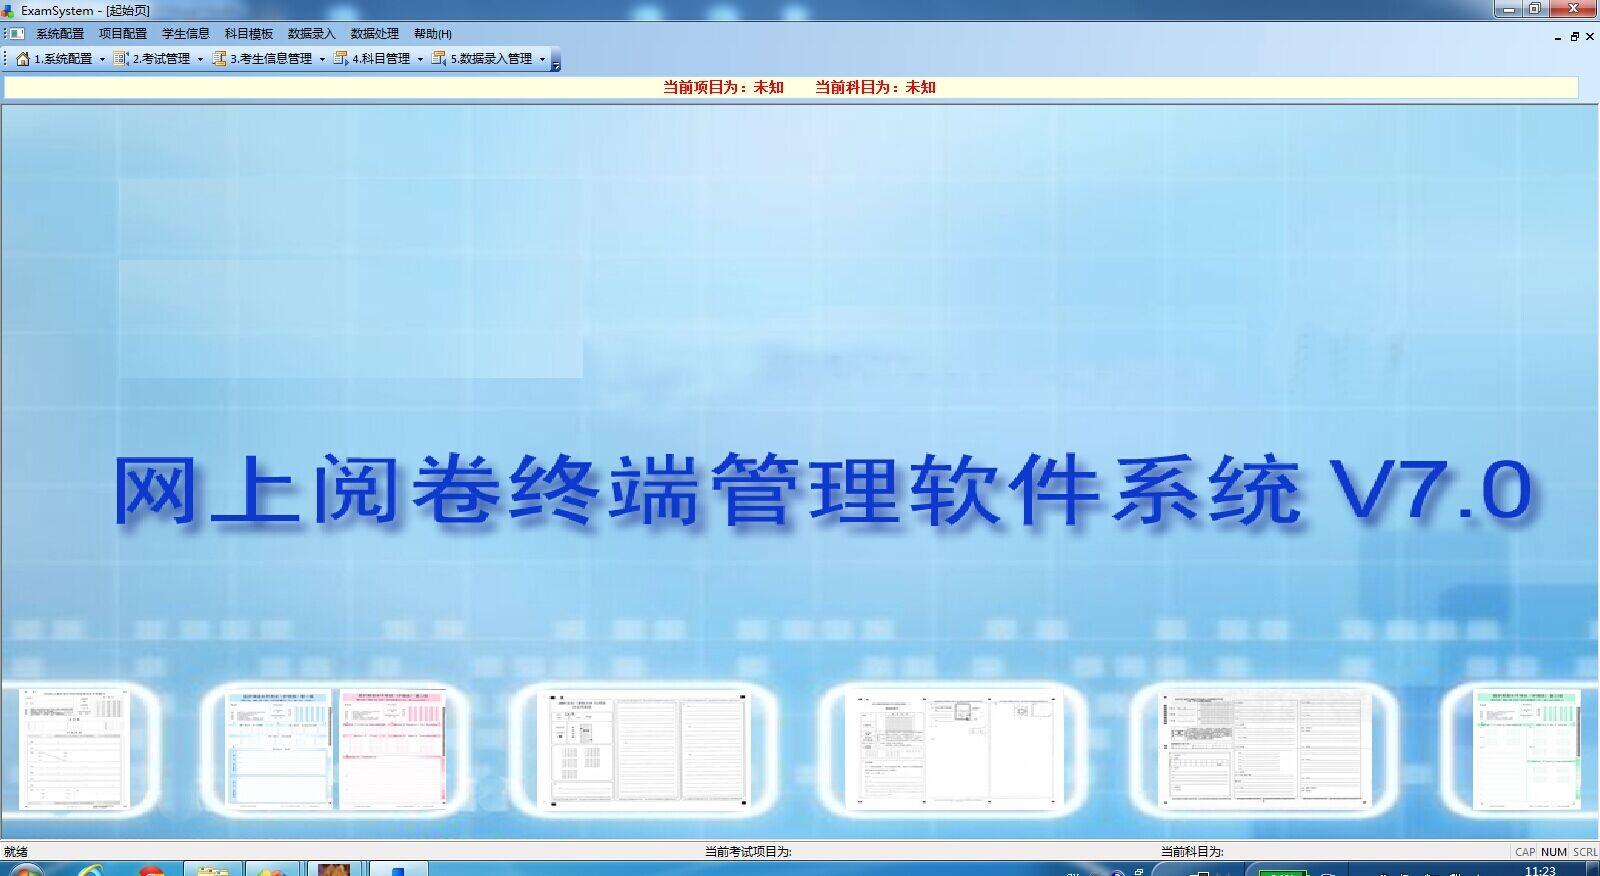 襄城县网上阅卷系统厂家信息 阅卷系统|新闻动态-河北文柏云考科技发展有限公司